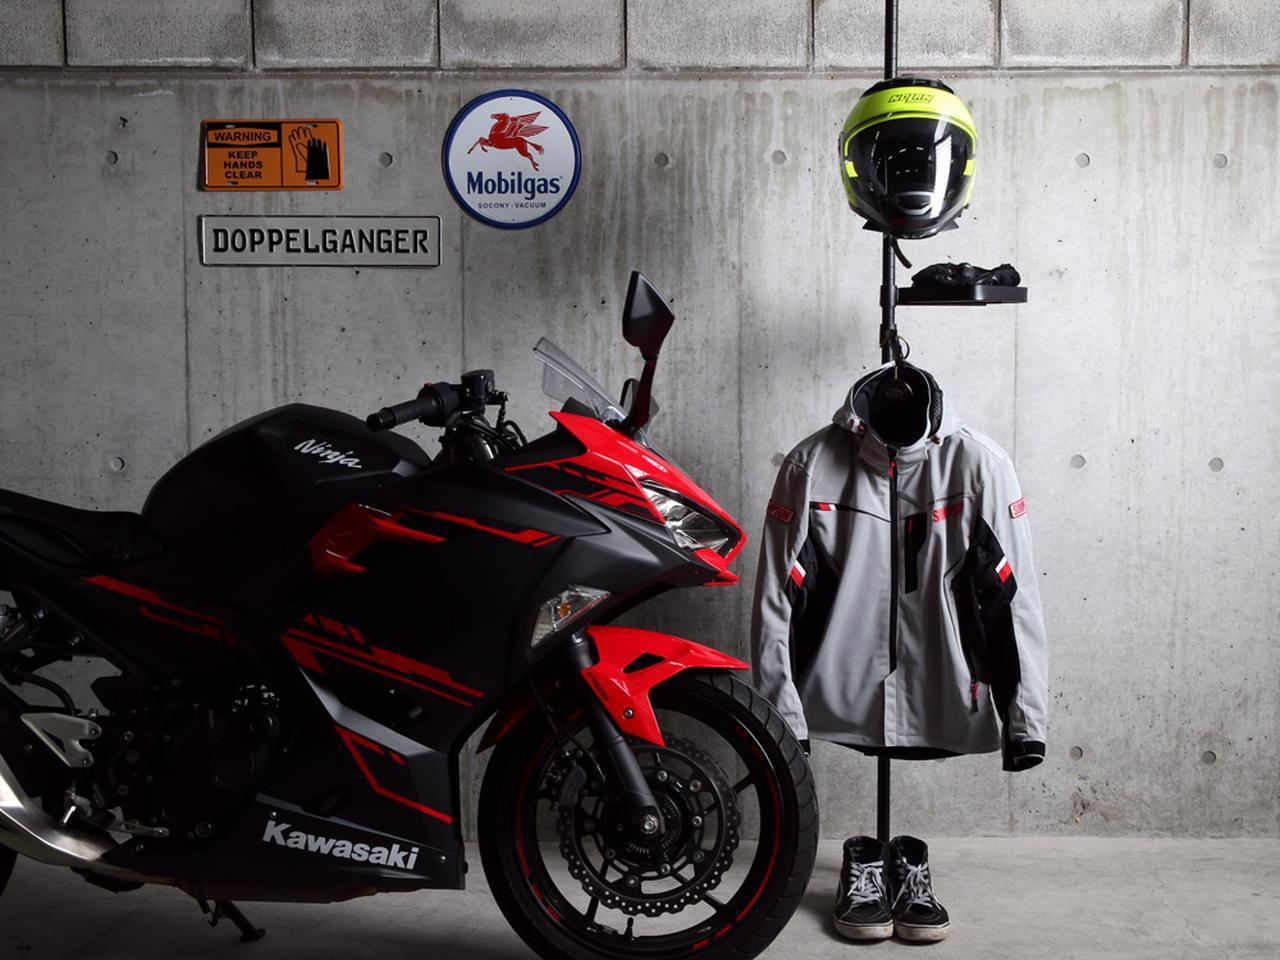 画像: DOPPELGANGER「ガレージ ワンポールラック」 写真:ドッペルギャンガー 価格:オープン